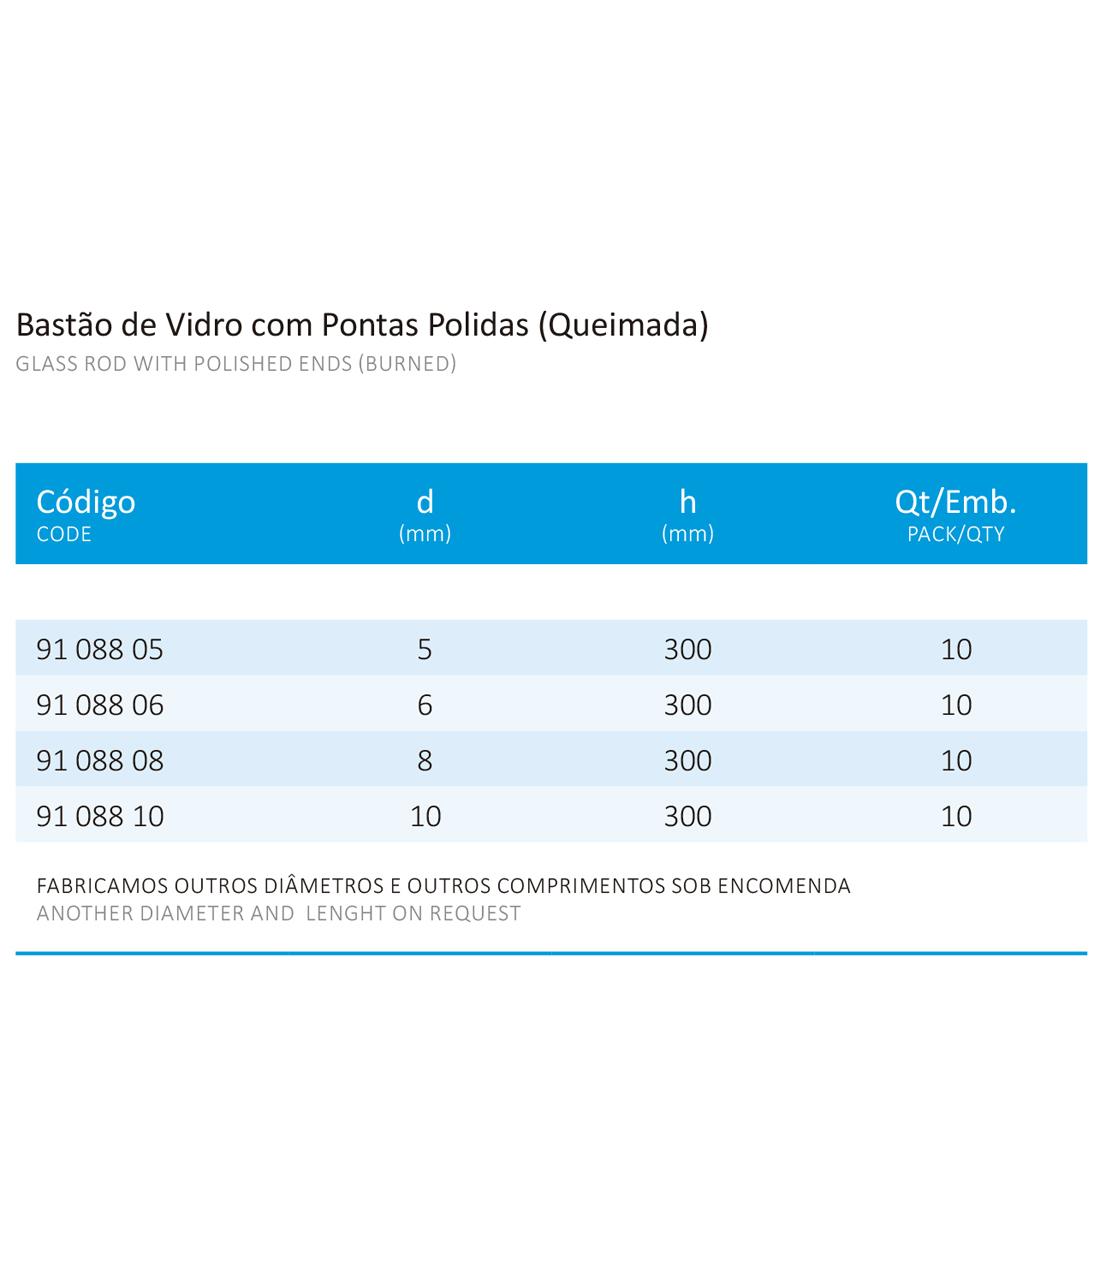 BASTAO DE VIDRO C/ PONTAS POLIDAS 8 X 300 - Laborglas - Cód. 9108808